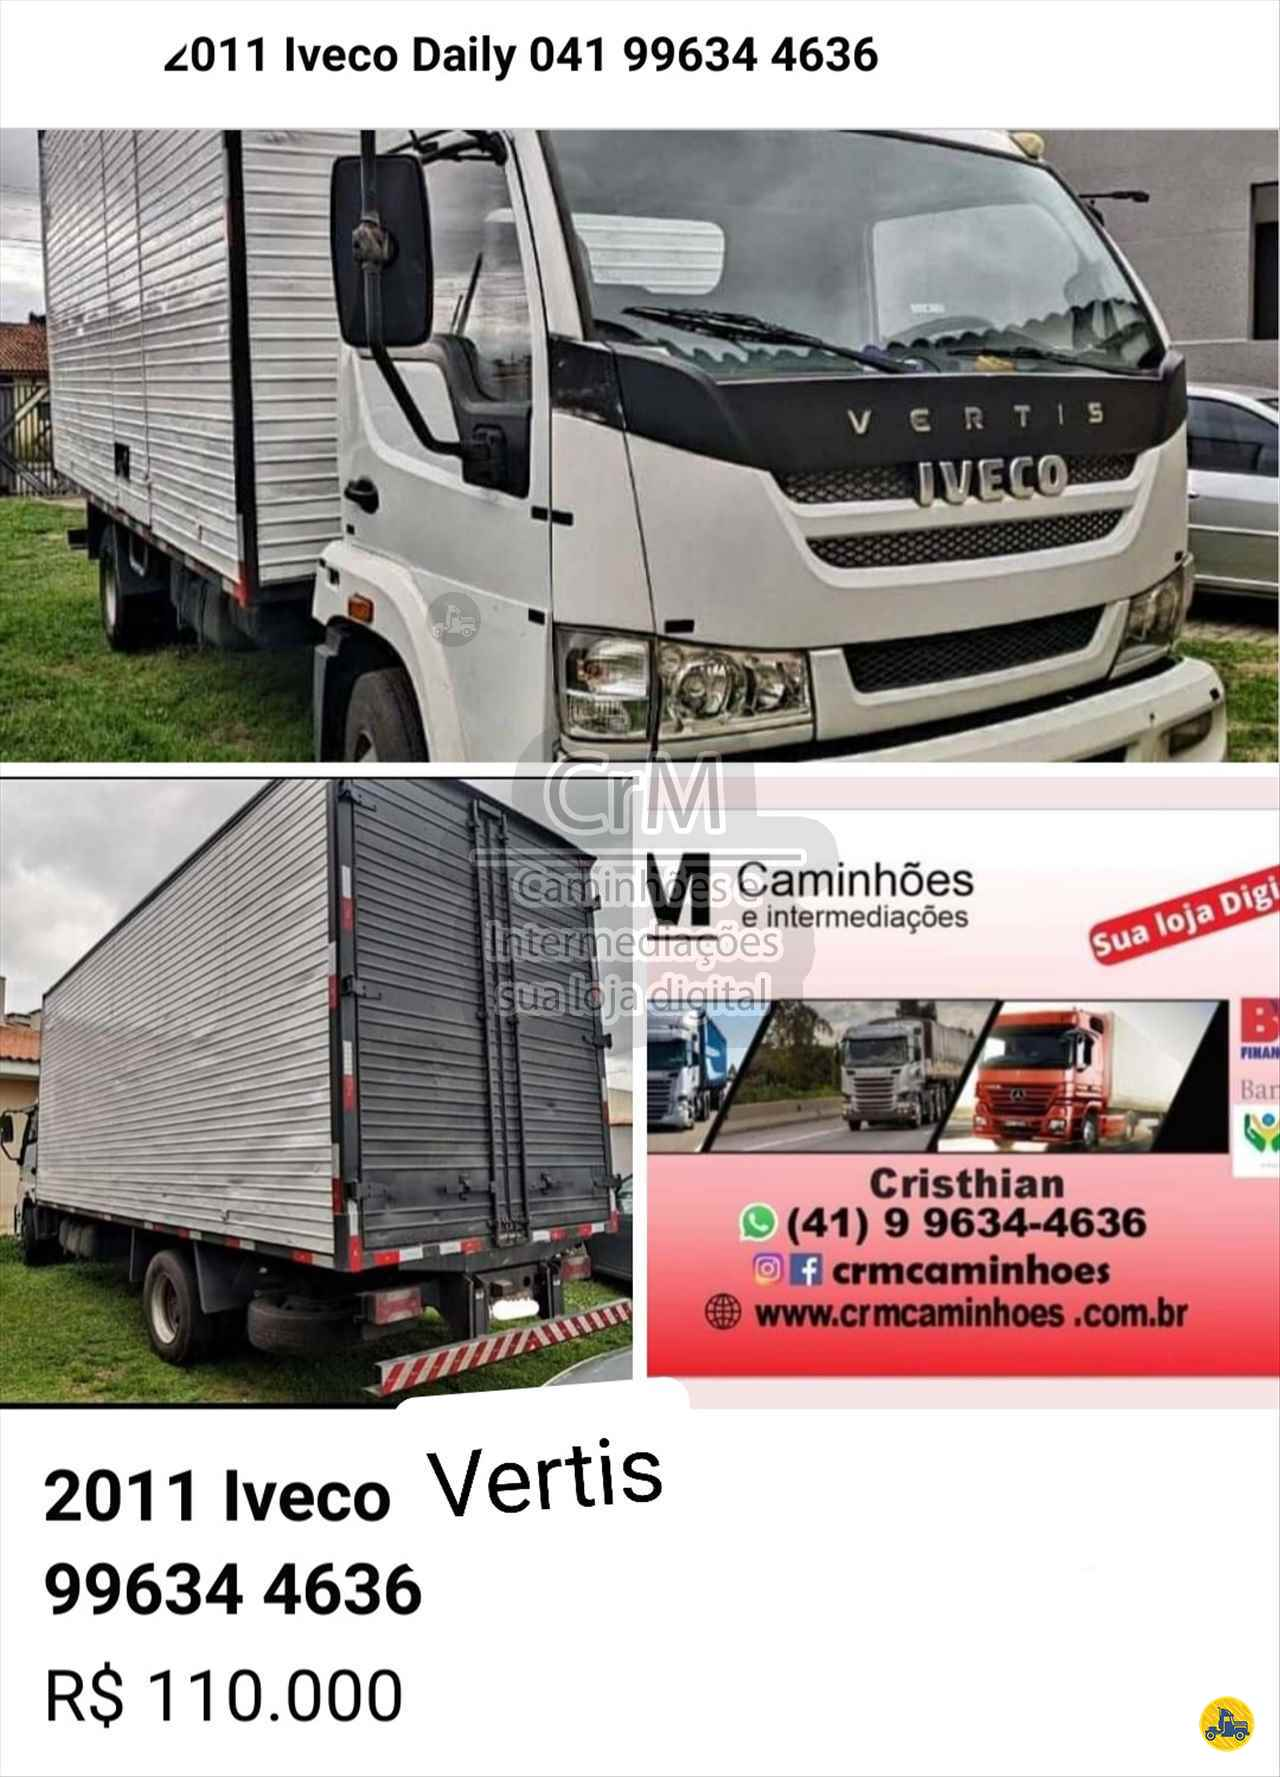 CAMINHAO IVECO VERTIS HD 90V16 Baú Furgão 3/4 4x2 CrM Caminhões e Intermediações - Sua Loja Digital CAMPINA GRANDE DO SUL PARANÁ PR